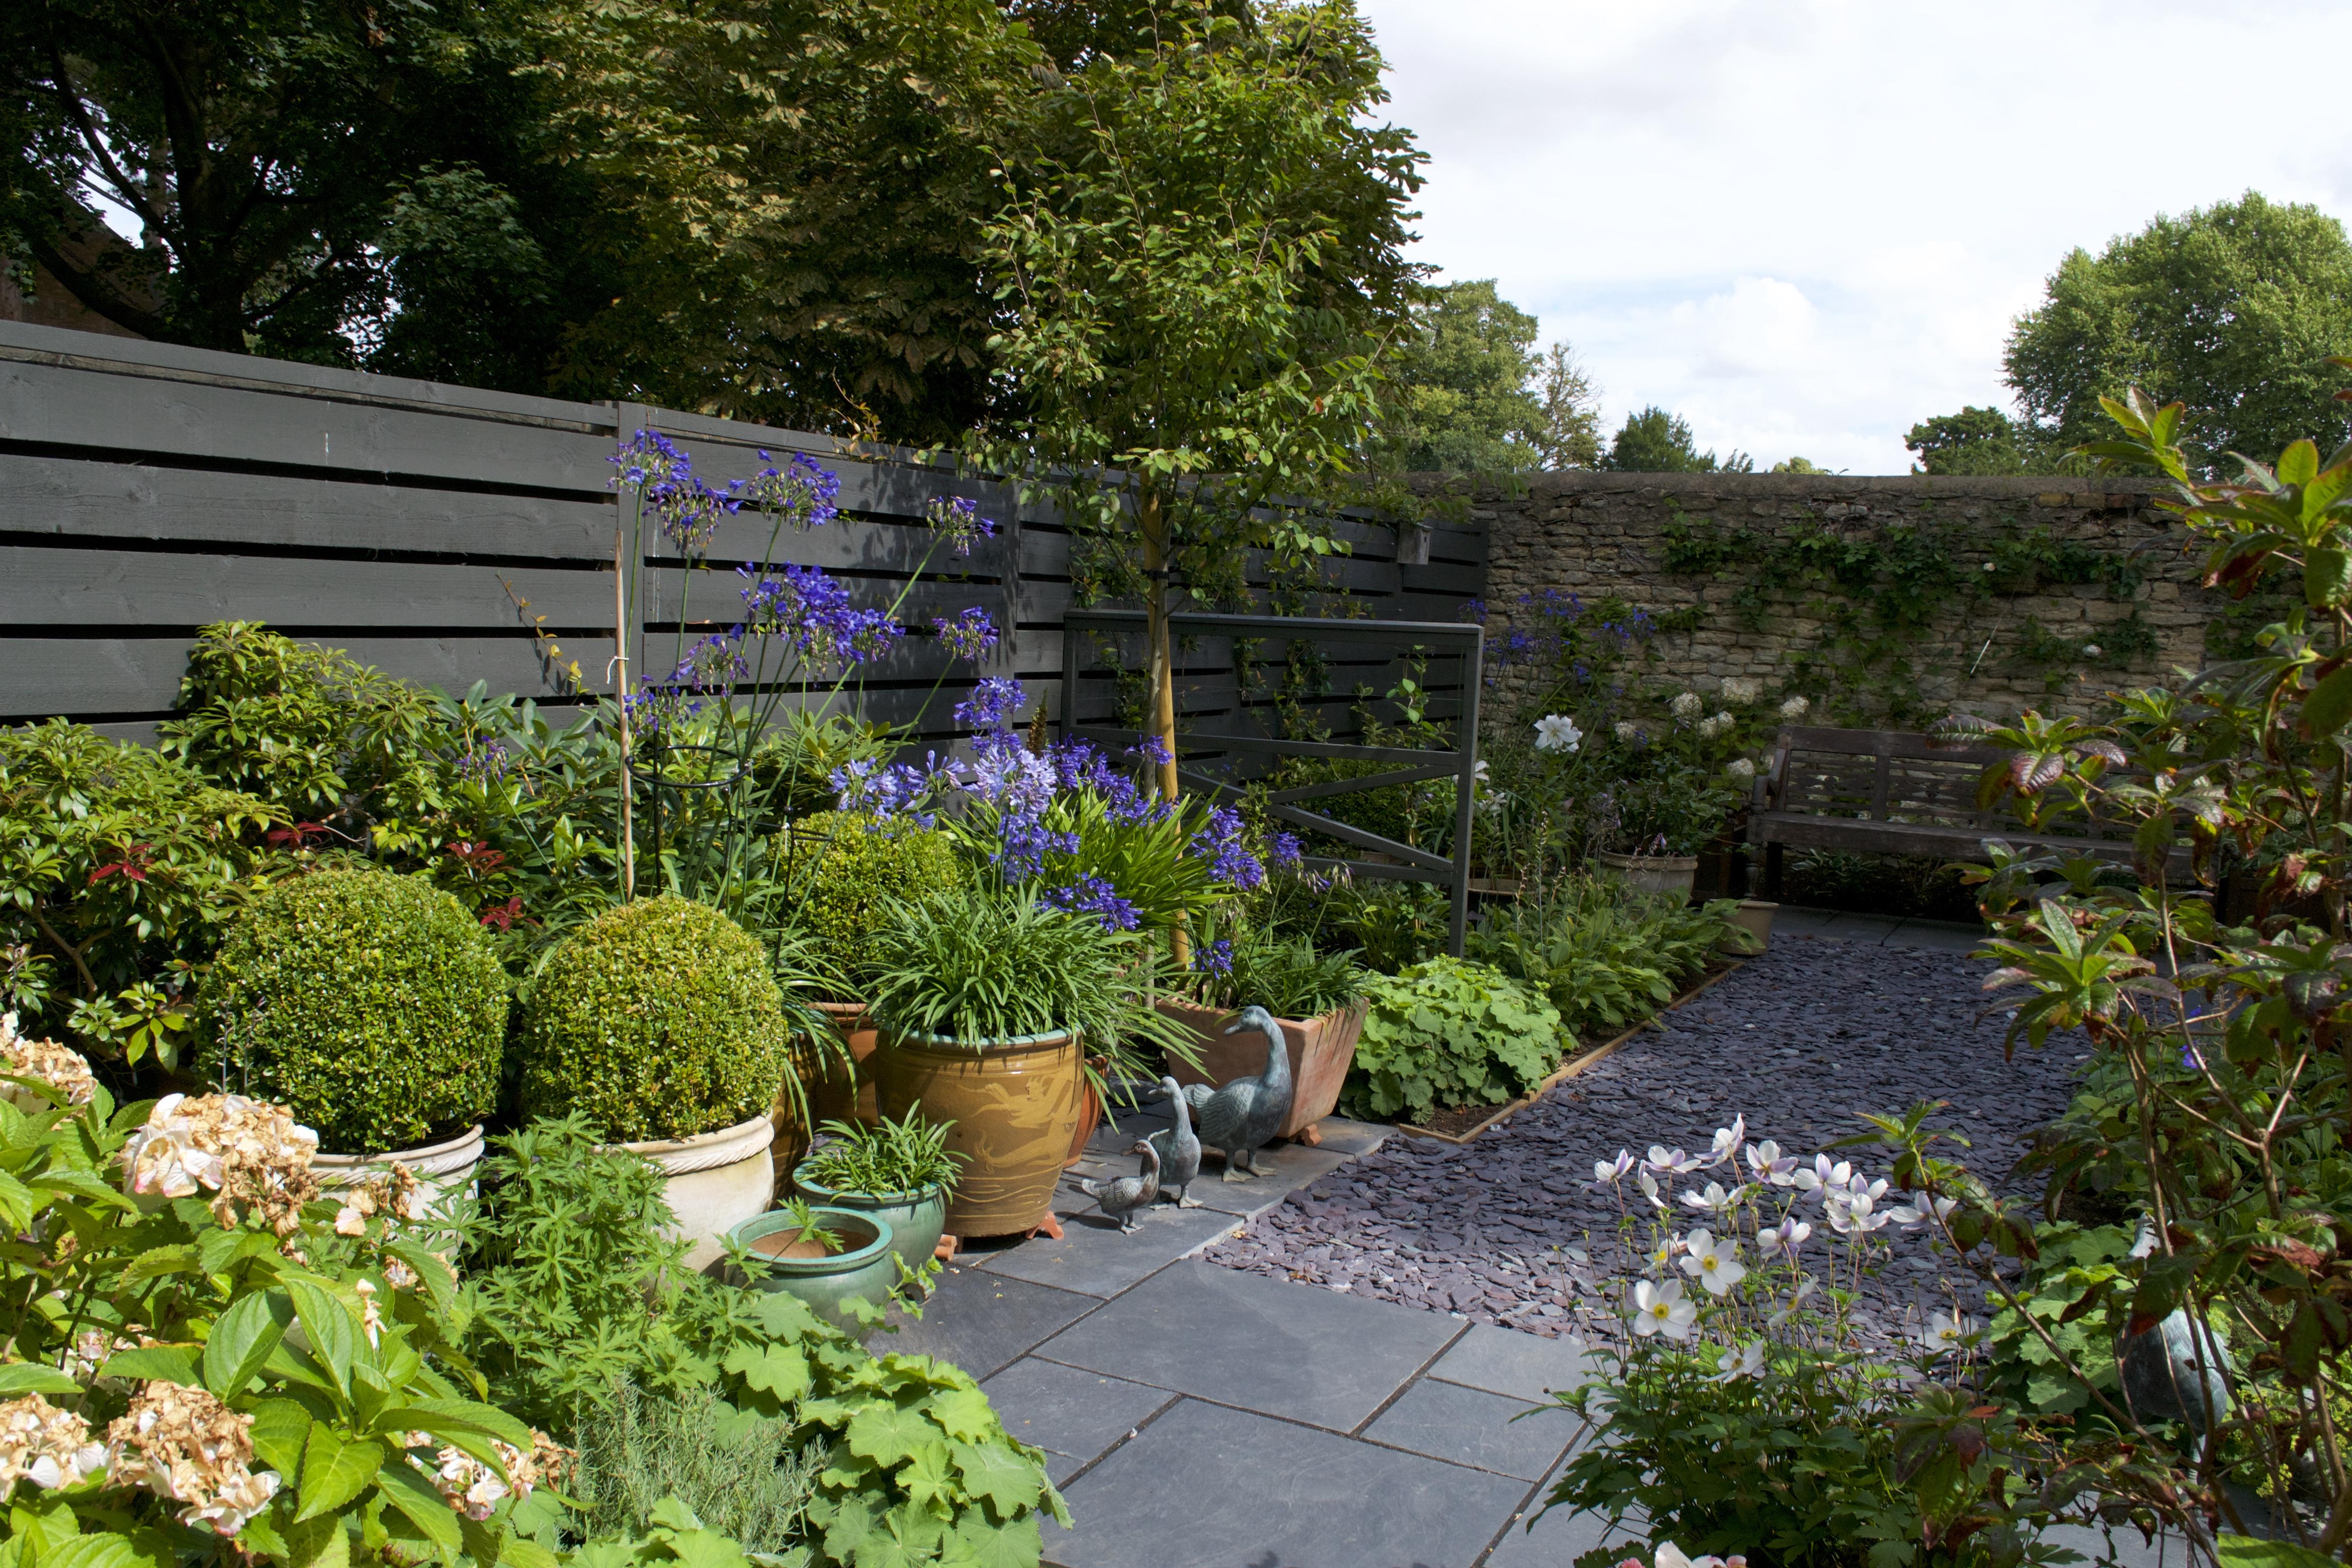 Small town garden design oxford oxford garden design for Garden design internship